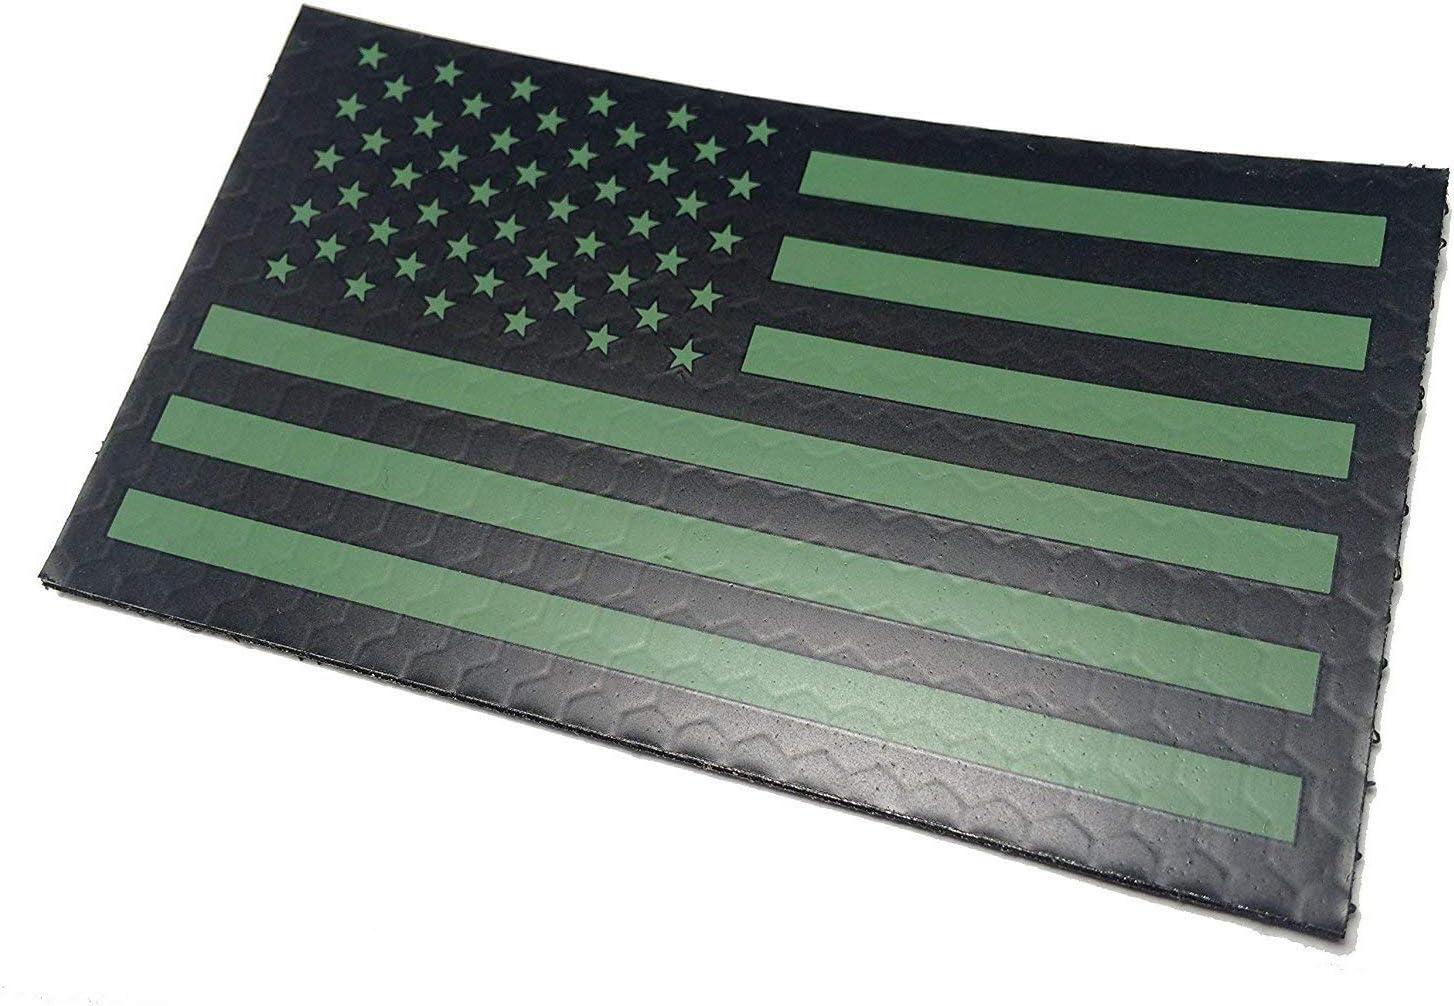 Parche de infrarrojos reflectante con bandera de Estados Unidos, estilo militar moral, color verde: Amazon.es: Juguetes y juegos